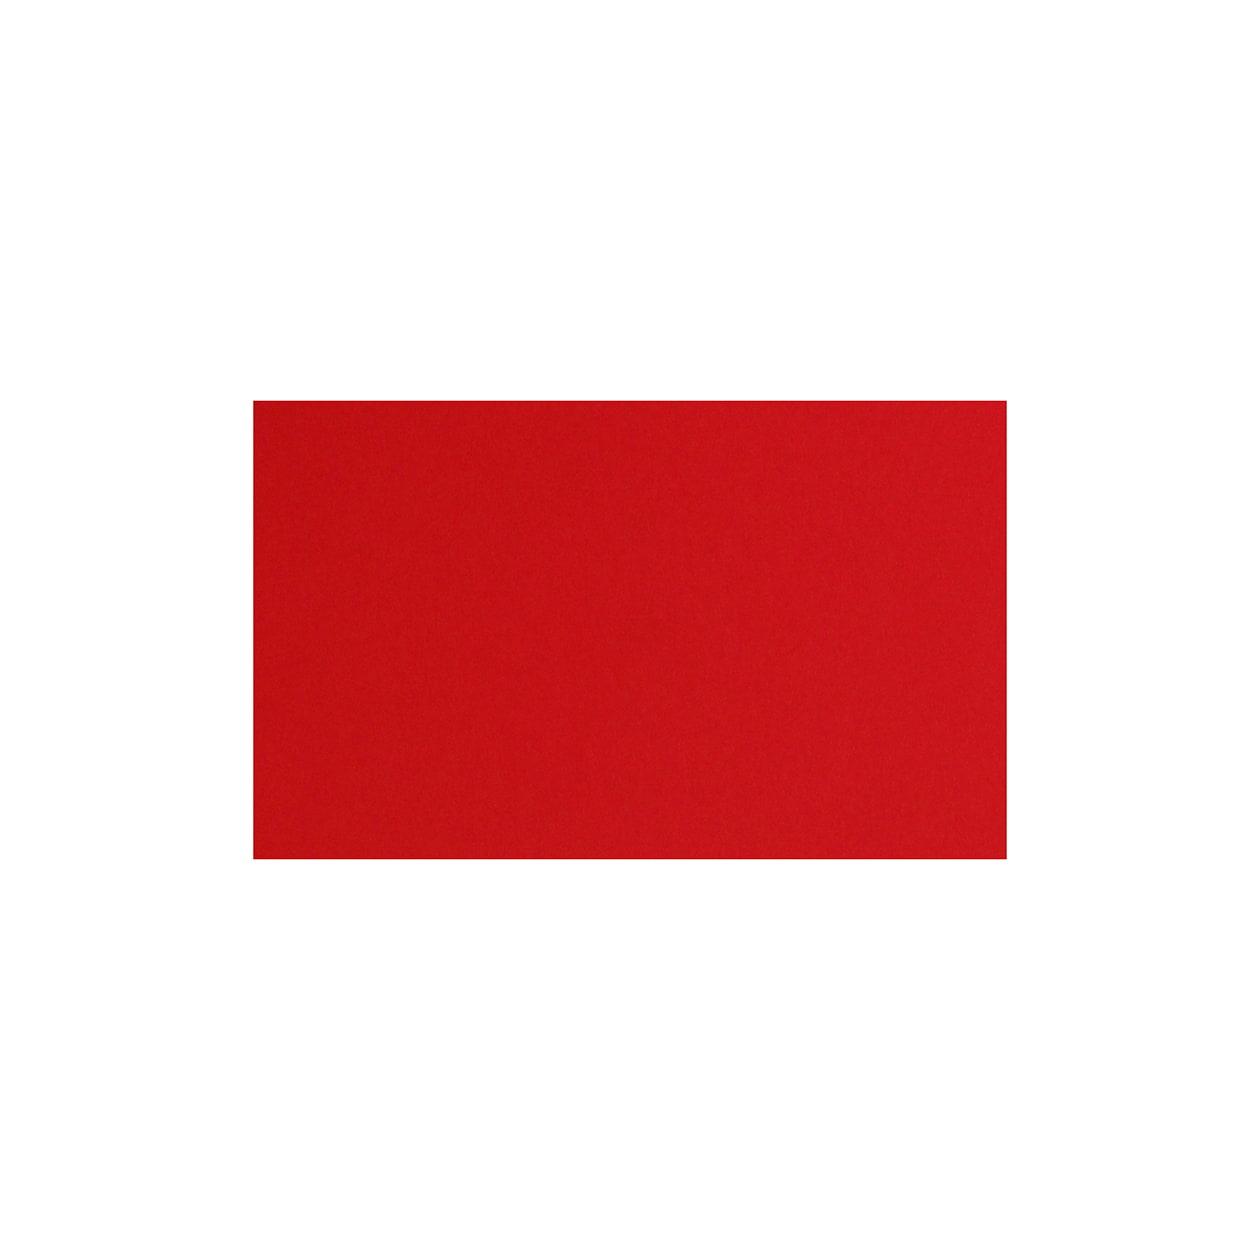 ネームカード コットン(NTラシャ) 濃赤(こいあか) 244.3g